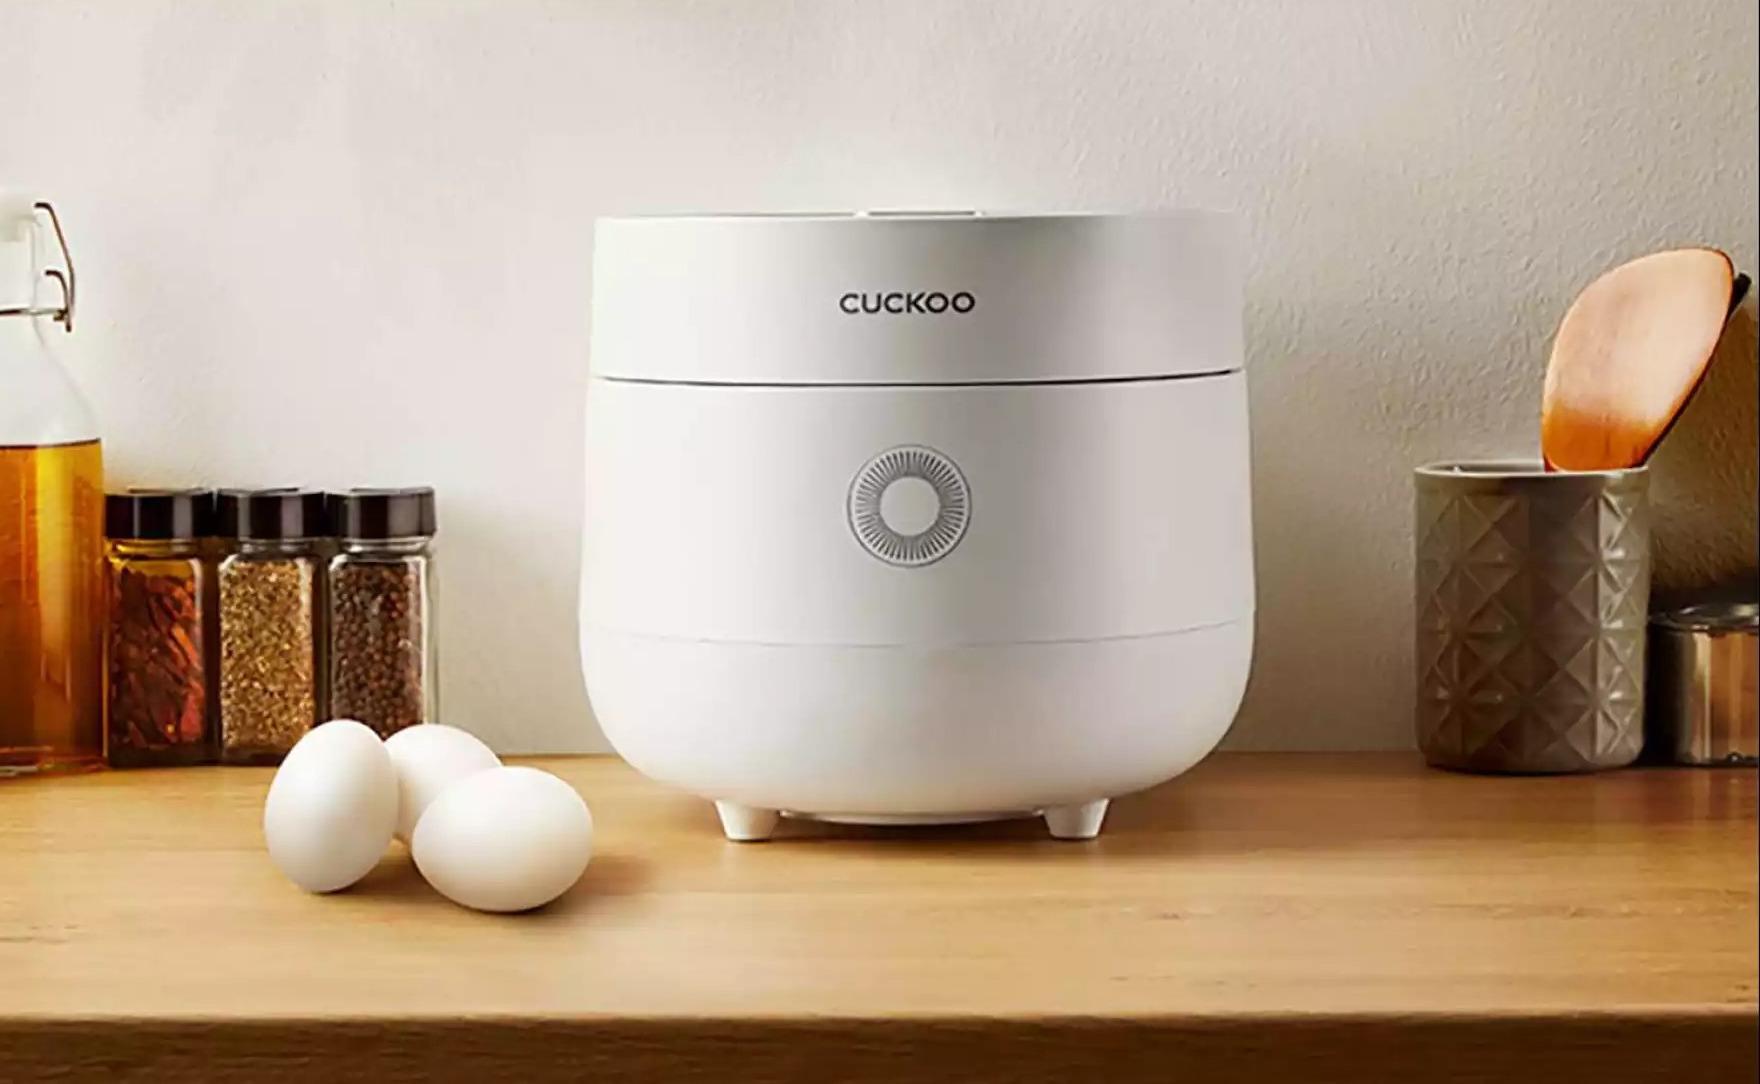 Nồi cơm điện tử Cuckoo CR-0675 được thiết kế lấy cảm hứng từ quả trứng cùng vẻ ngoài màu trắng trang nhã. Lòng nồi chống dính với chức năng điều chỉnh ba vị cơm dẻo, mềm, tơi xốp. Dung tích 1,08 lít đủ nấu cho gia đình 5-7 người ăn. Bảng điều khiển trực quan với các phím cảm ứng, dễ sử dụng. Các bộ phận rời, dễ tháo lắp, vệ sinh. Sản phẩm có giá giảm 35% duy nhất từ 12-19/9 trên LazMall, chỉ còn 1,43 triệu đồng (giá gốc đến 2,185 triệu đồng), miễn phí giao hàng toàn quốc. Đặt hàng tại đây.